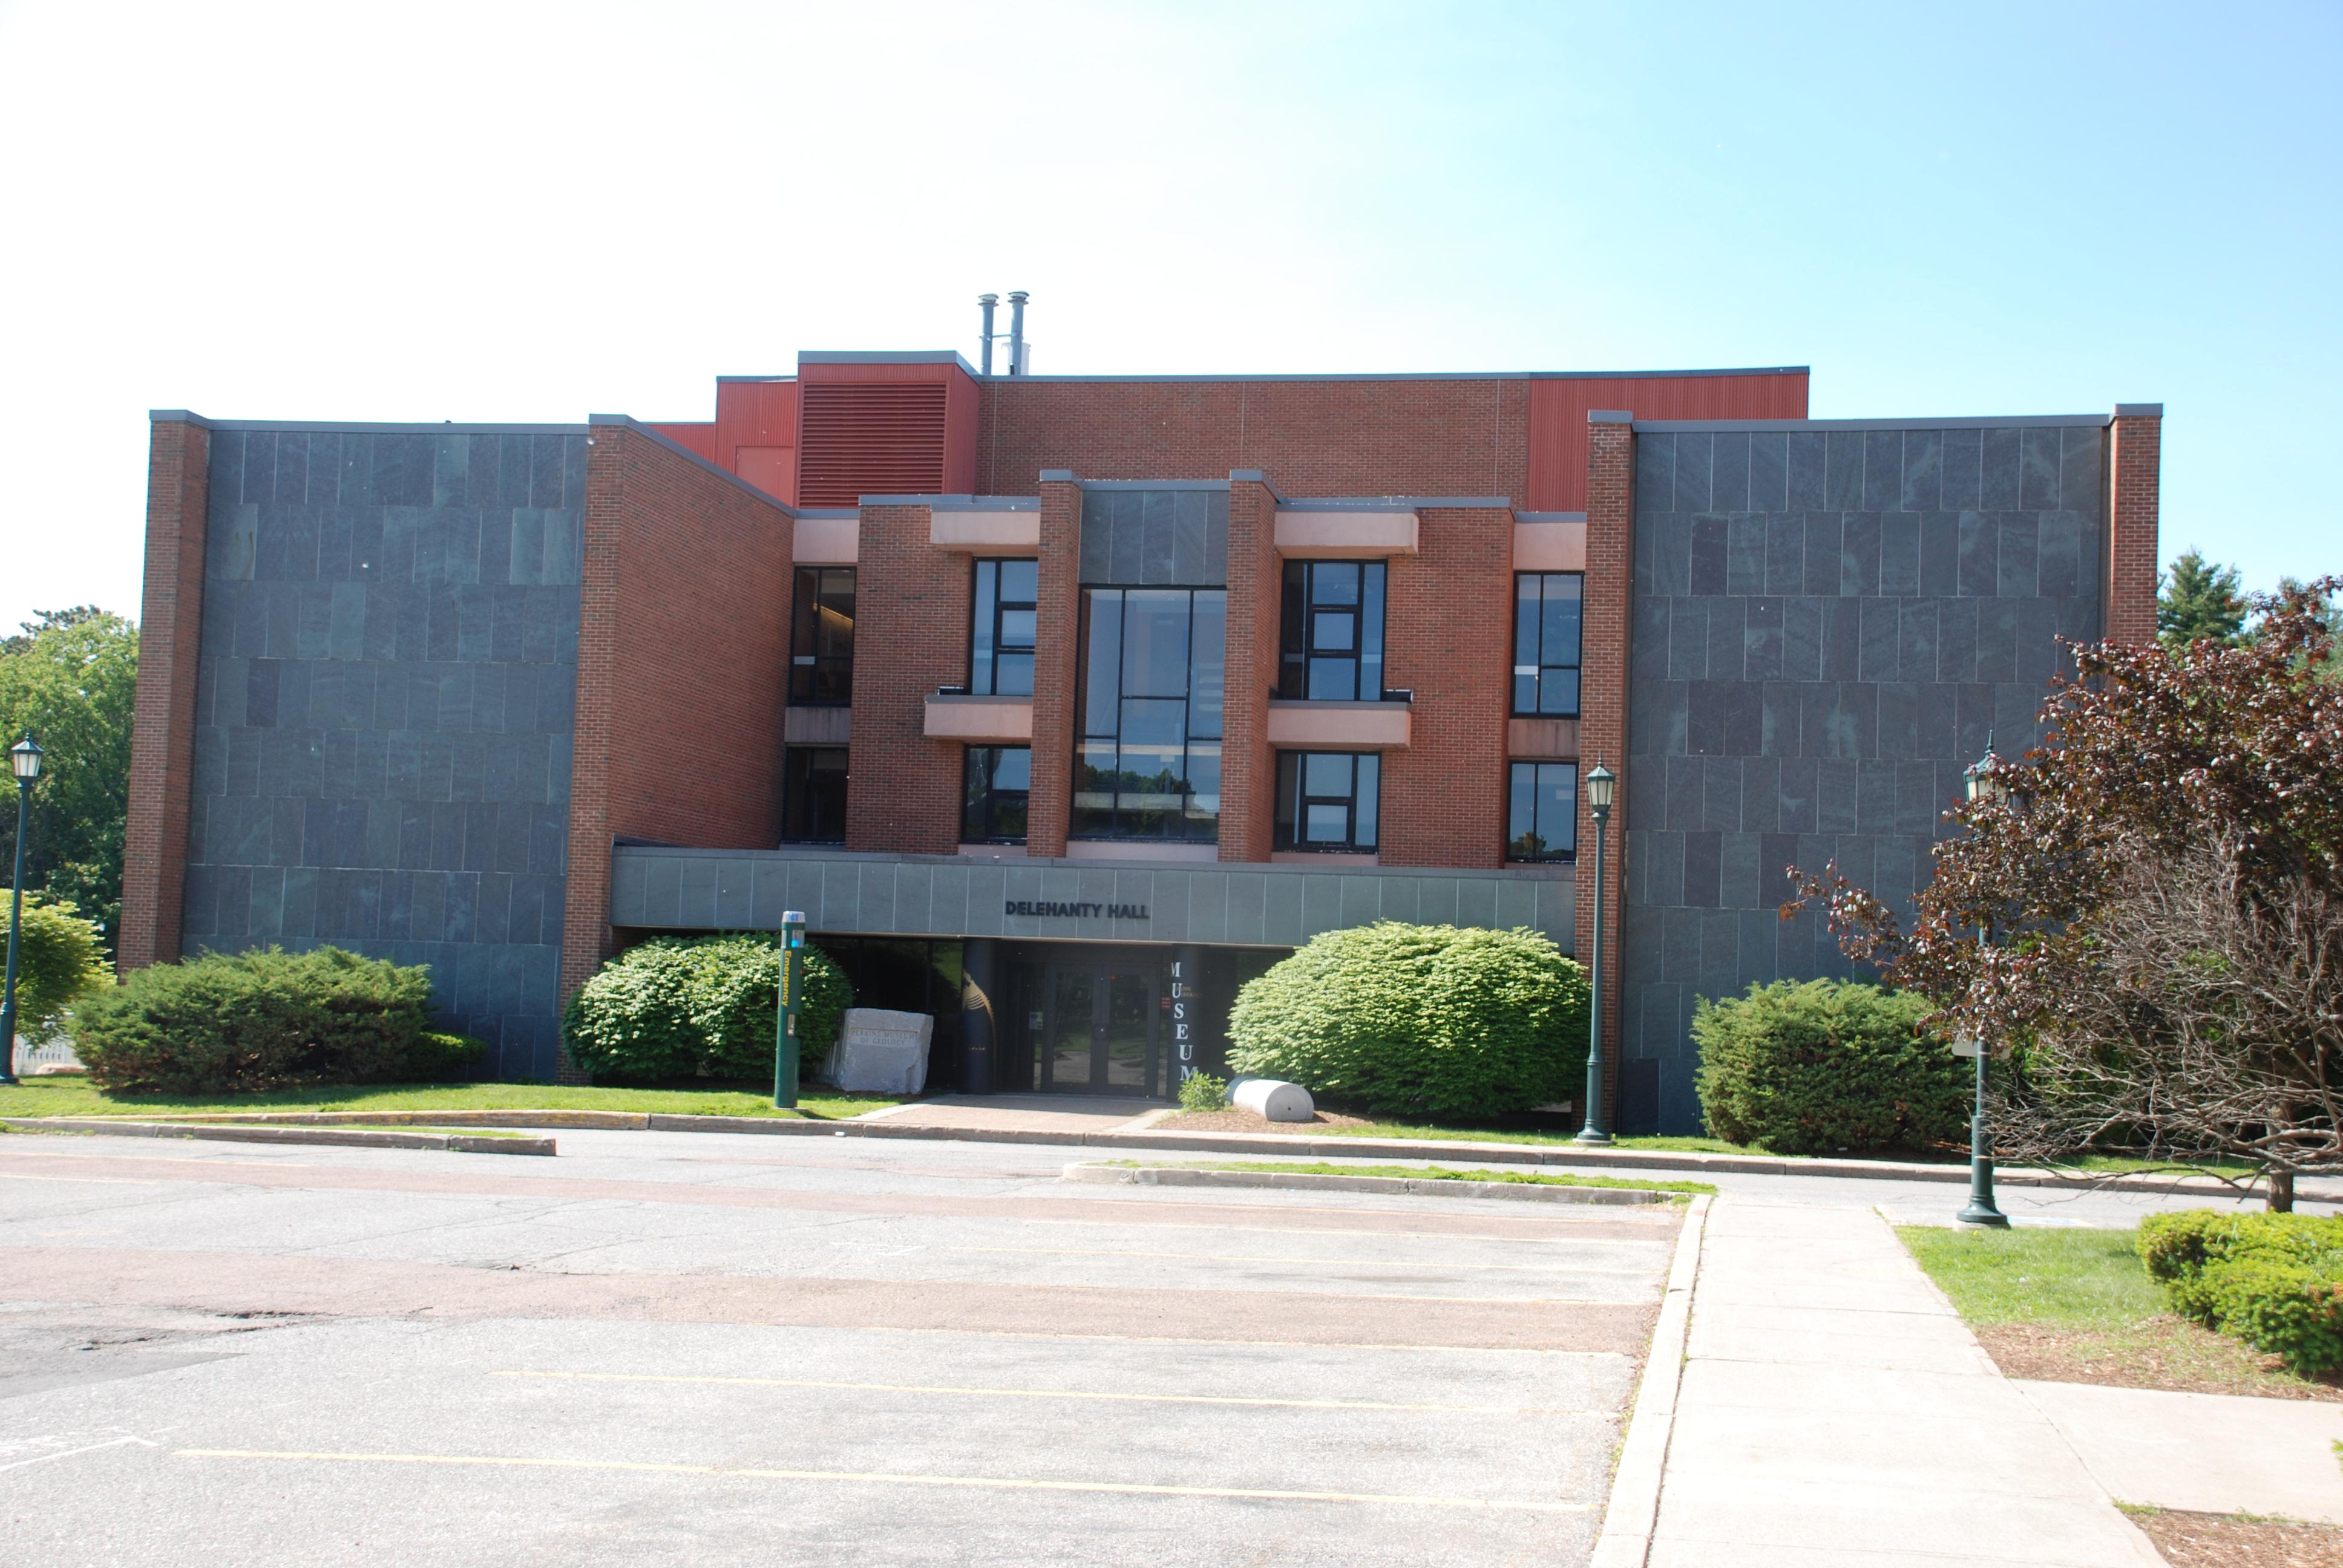 Delehanty Hall